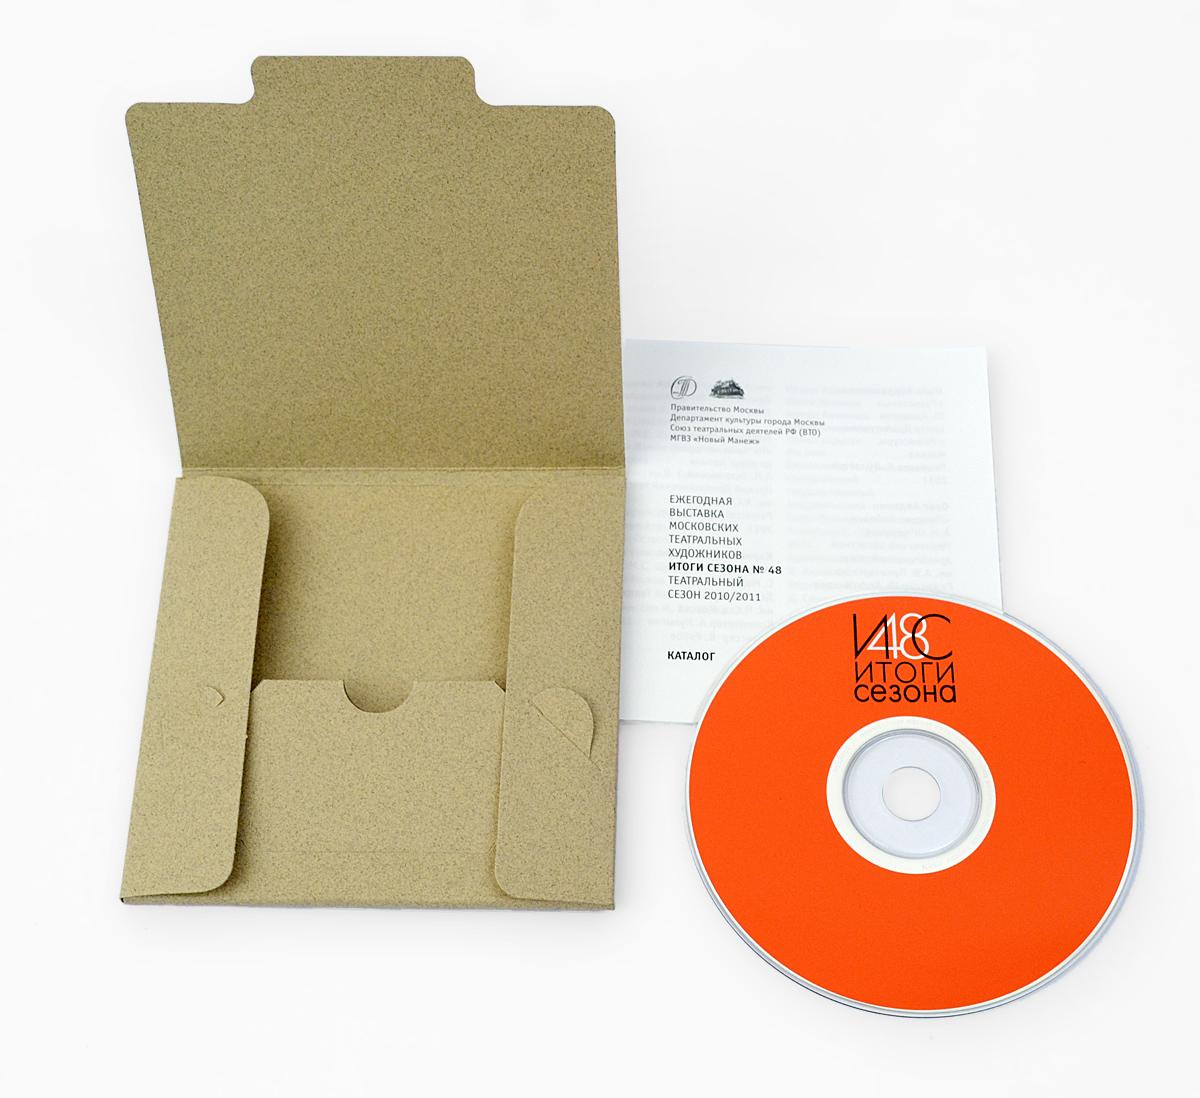 Своими руками упаковка для дисков